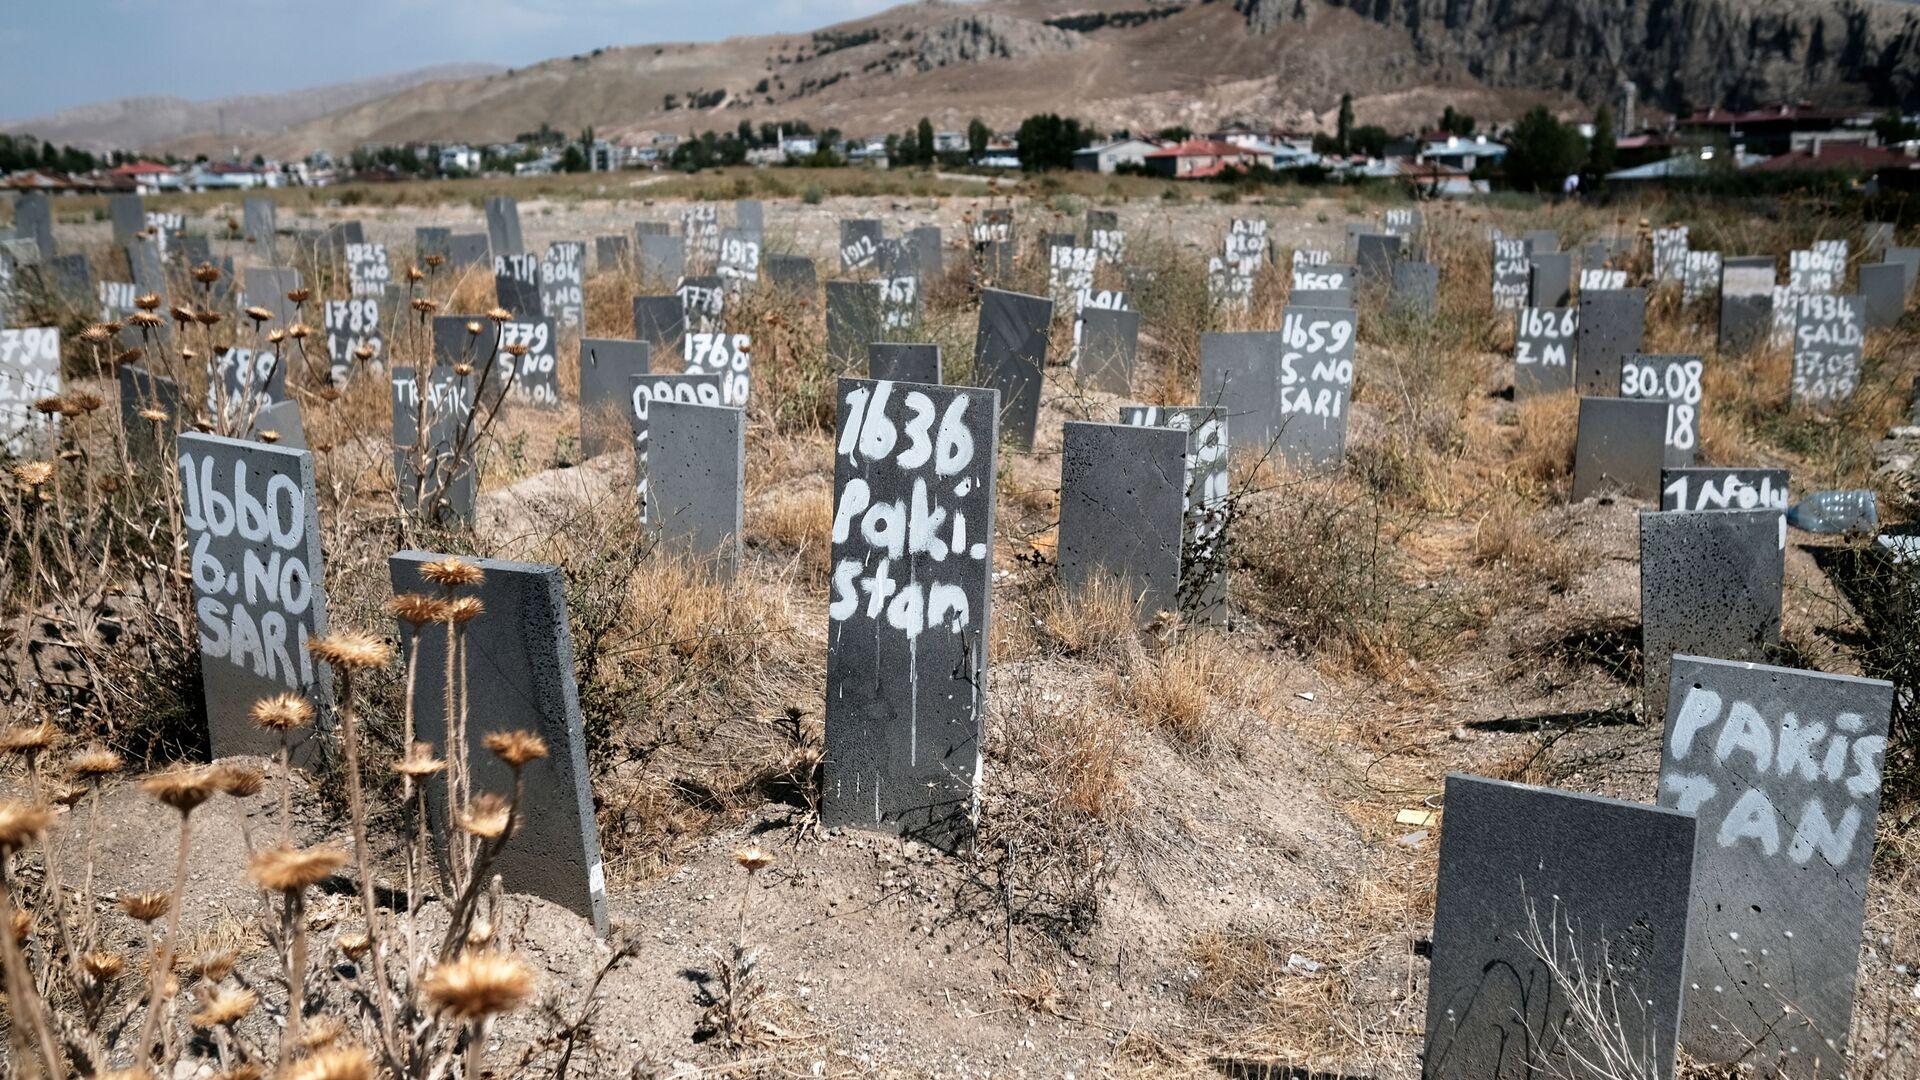 Friedhof, auf dem nicht identifizierte illegale Migranten in der Grenzstadt Van, Türkei, begraben sind - SNA, 1920, 07.09.2021